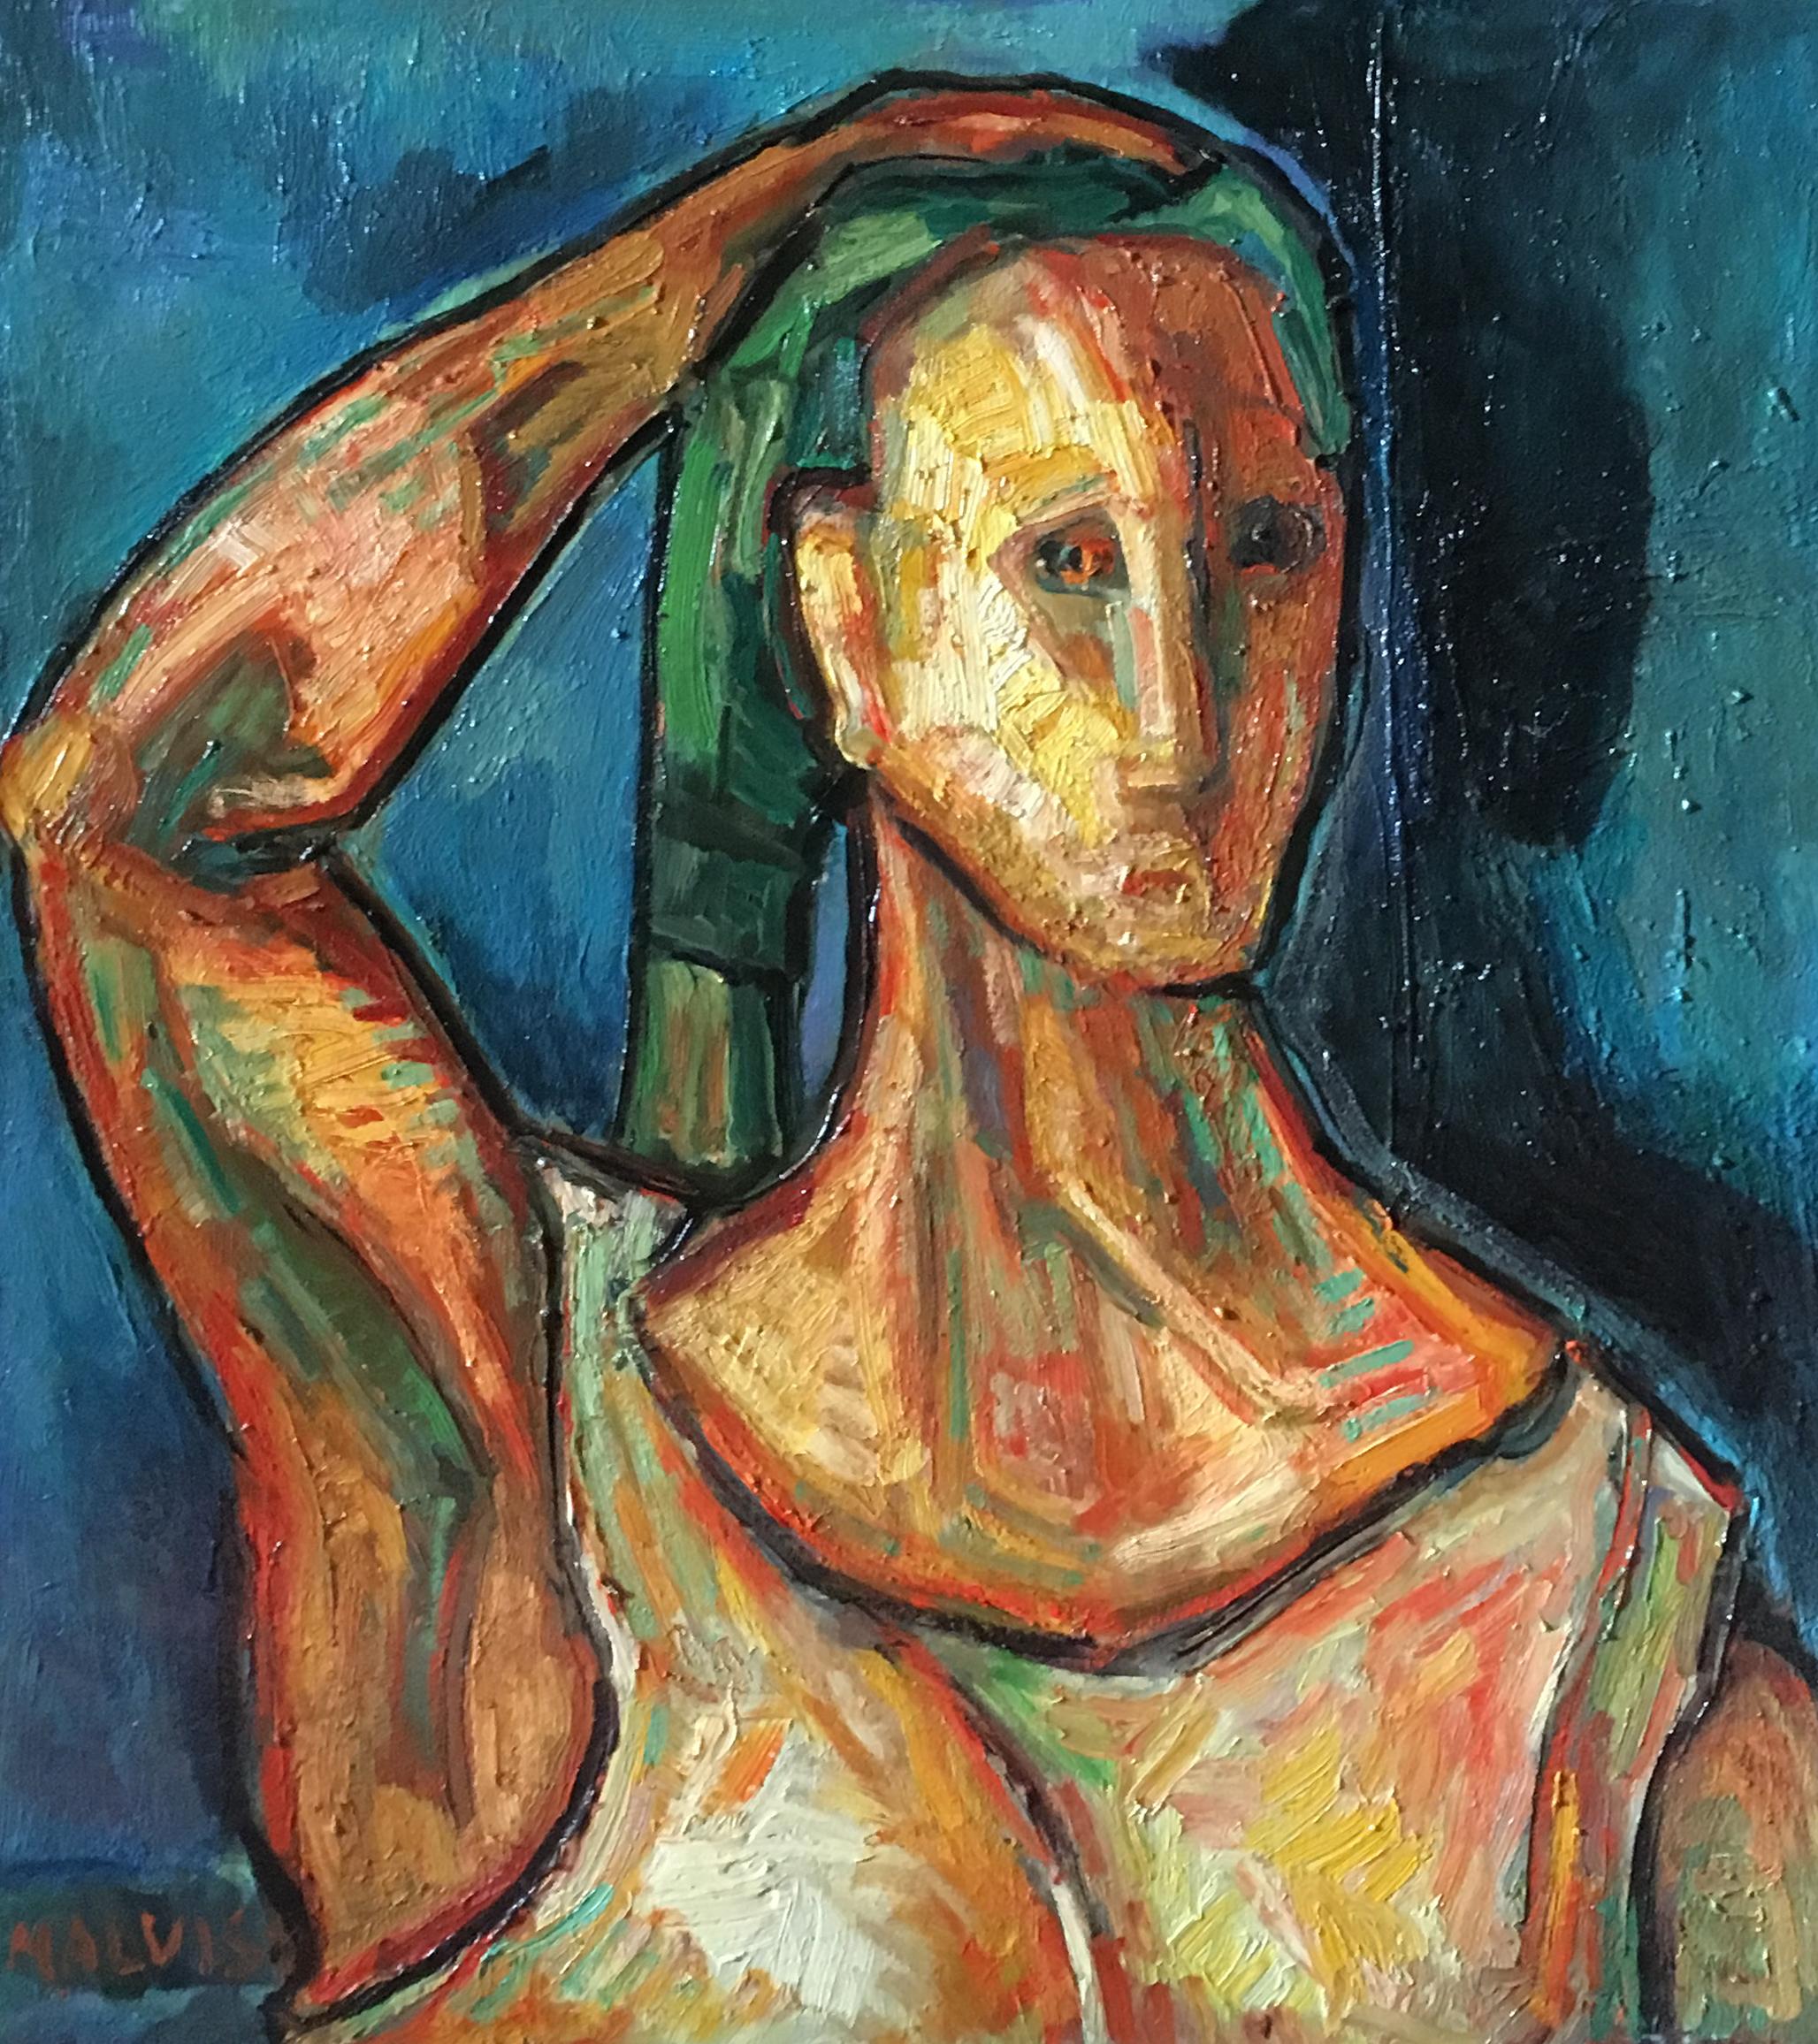 <b>Virago</b><br> 1973 Oil on canvas <br> cm 60 x 70